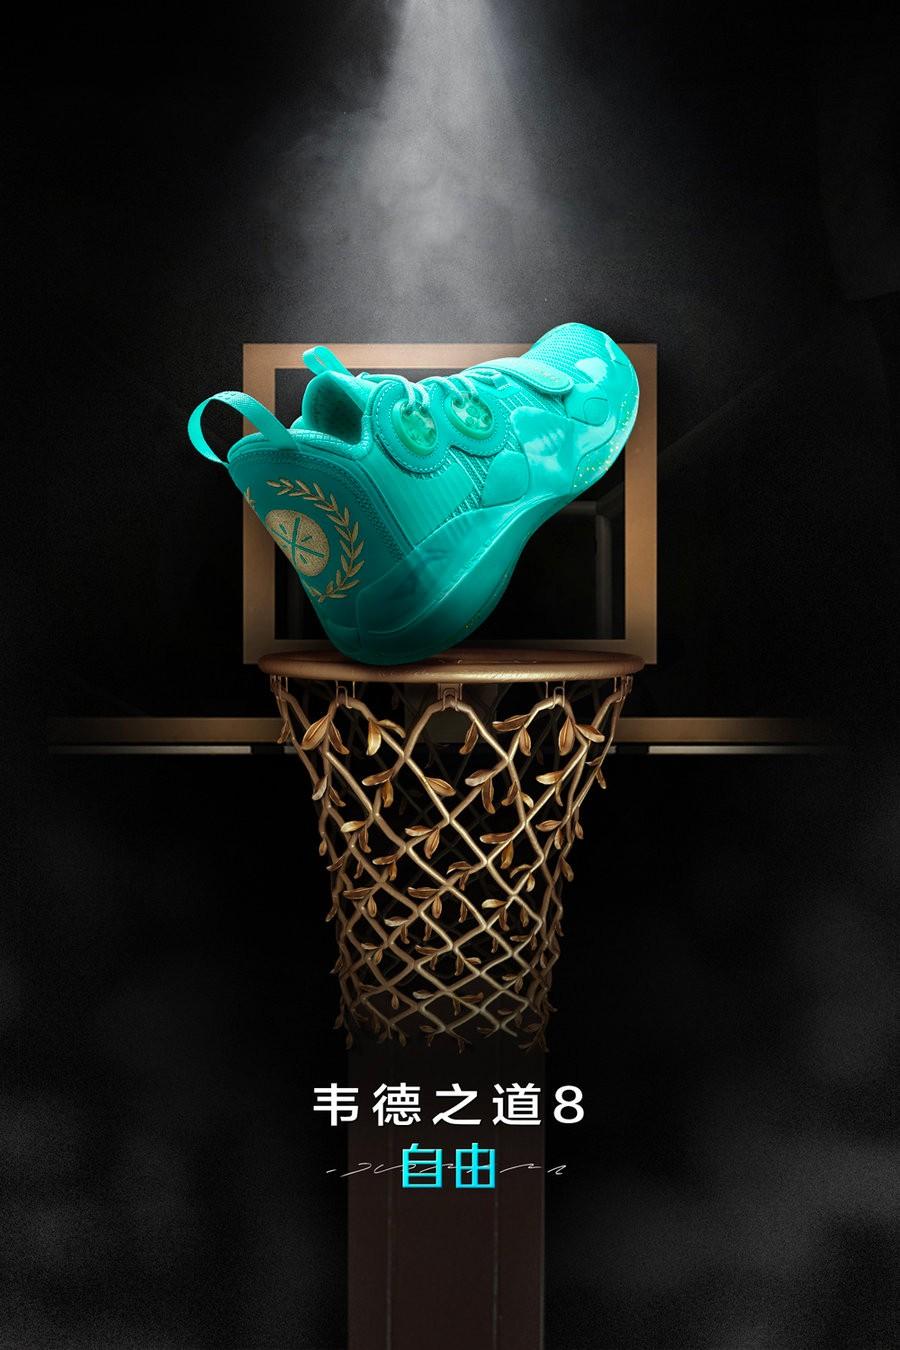 匹克,李宁,361,安踏,肖战  最贵 4000+!今年最难买到的 10 双国产鞋!想原价入手只有一个办法!